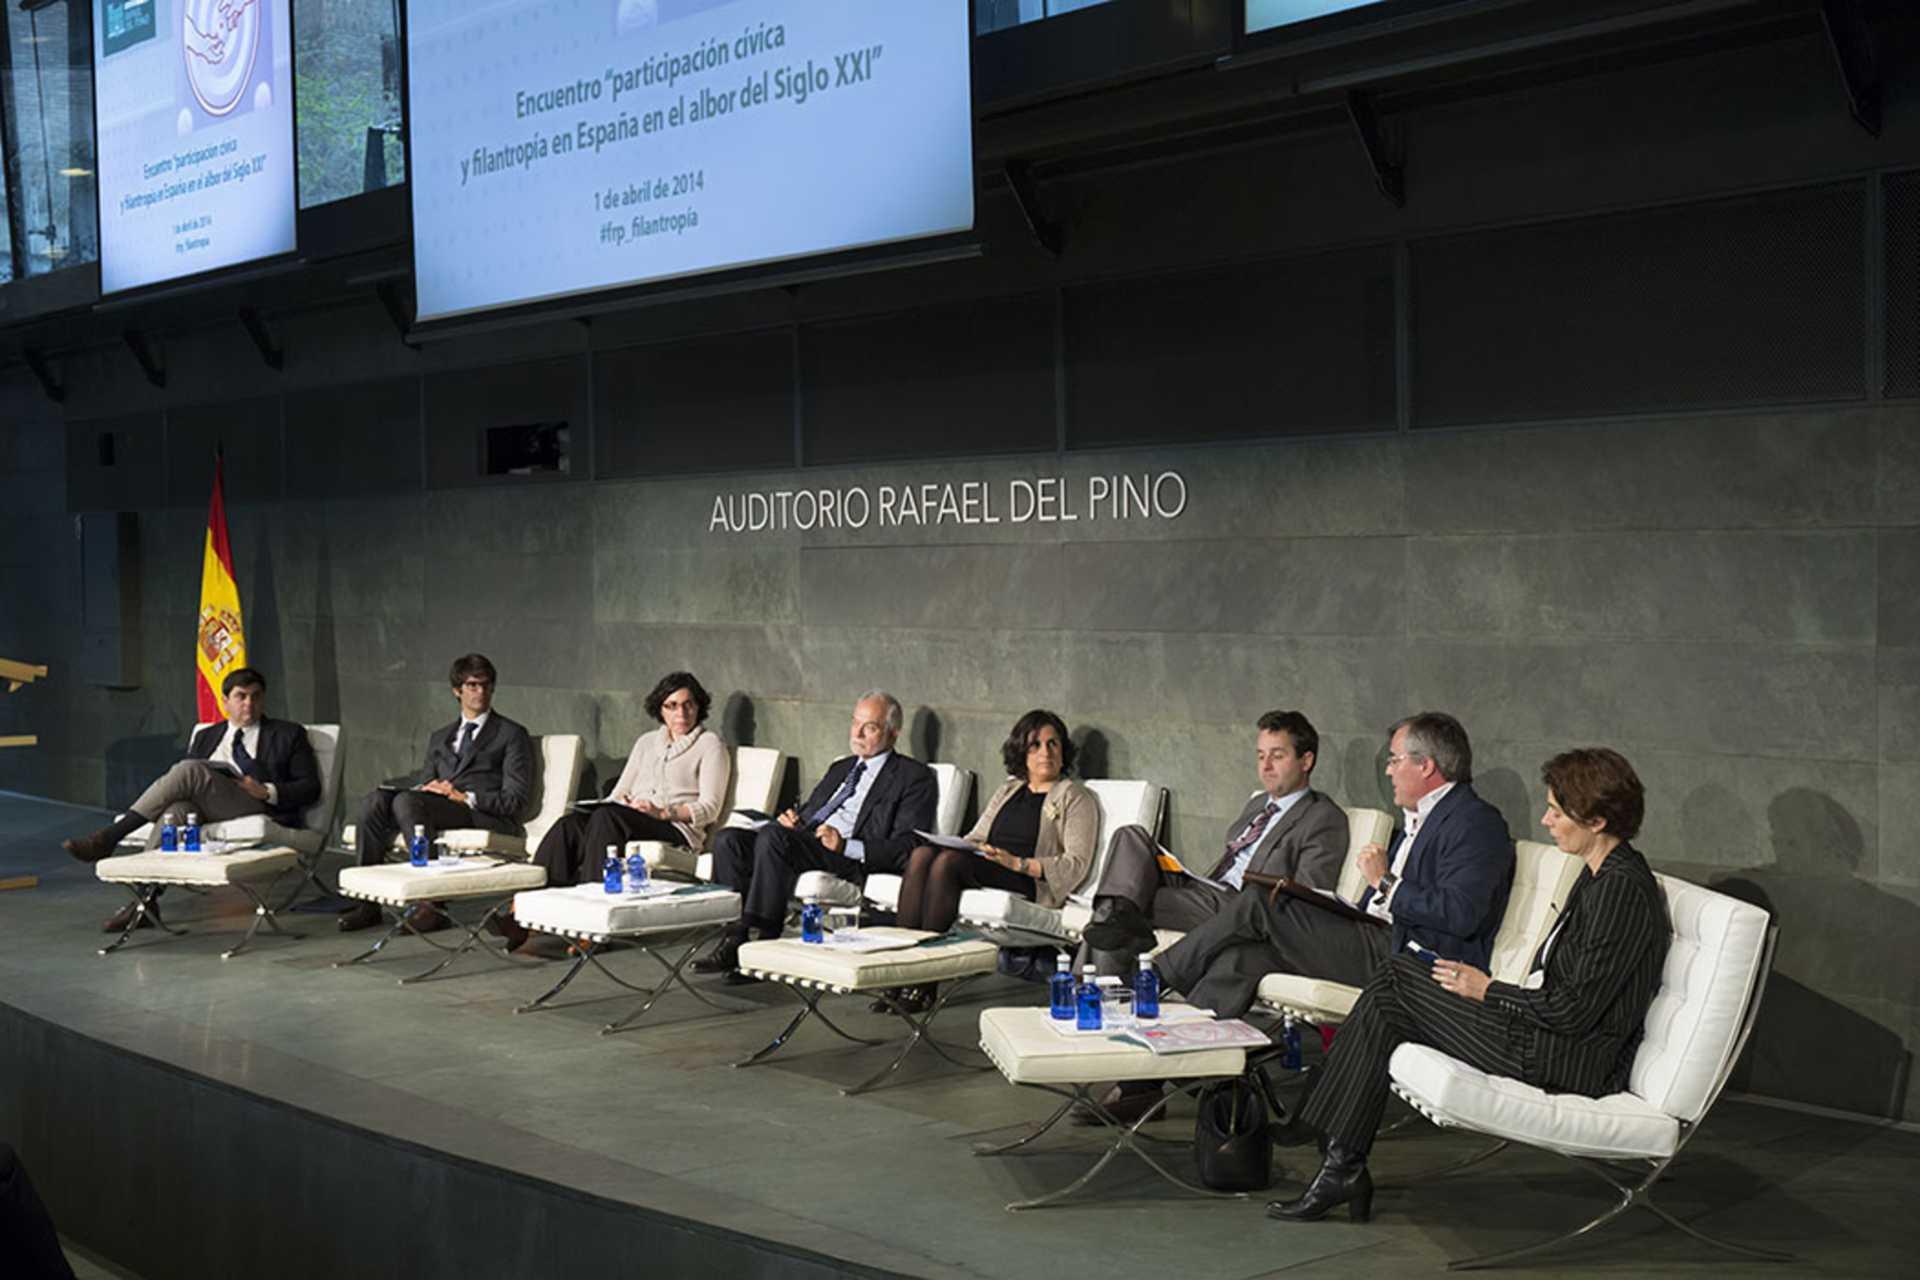 """La Fundación Rafael del Pino organiza el encuentro """"Participación cívica y filantropía"""" con el objetivo de debatir sobre los retos del sector no lucrativo en el albor del Siglo XXI."""